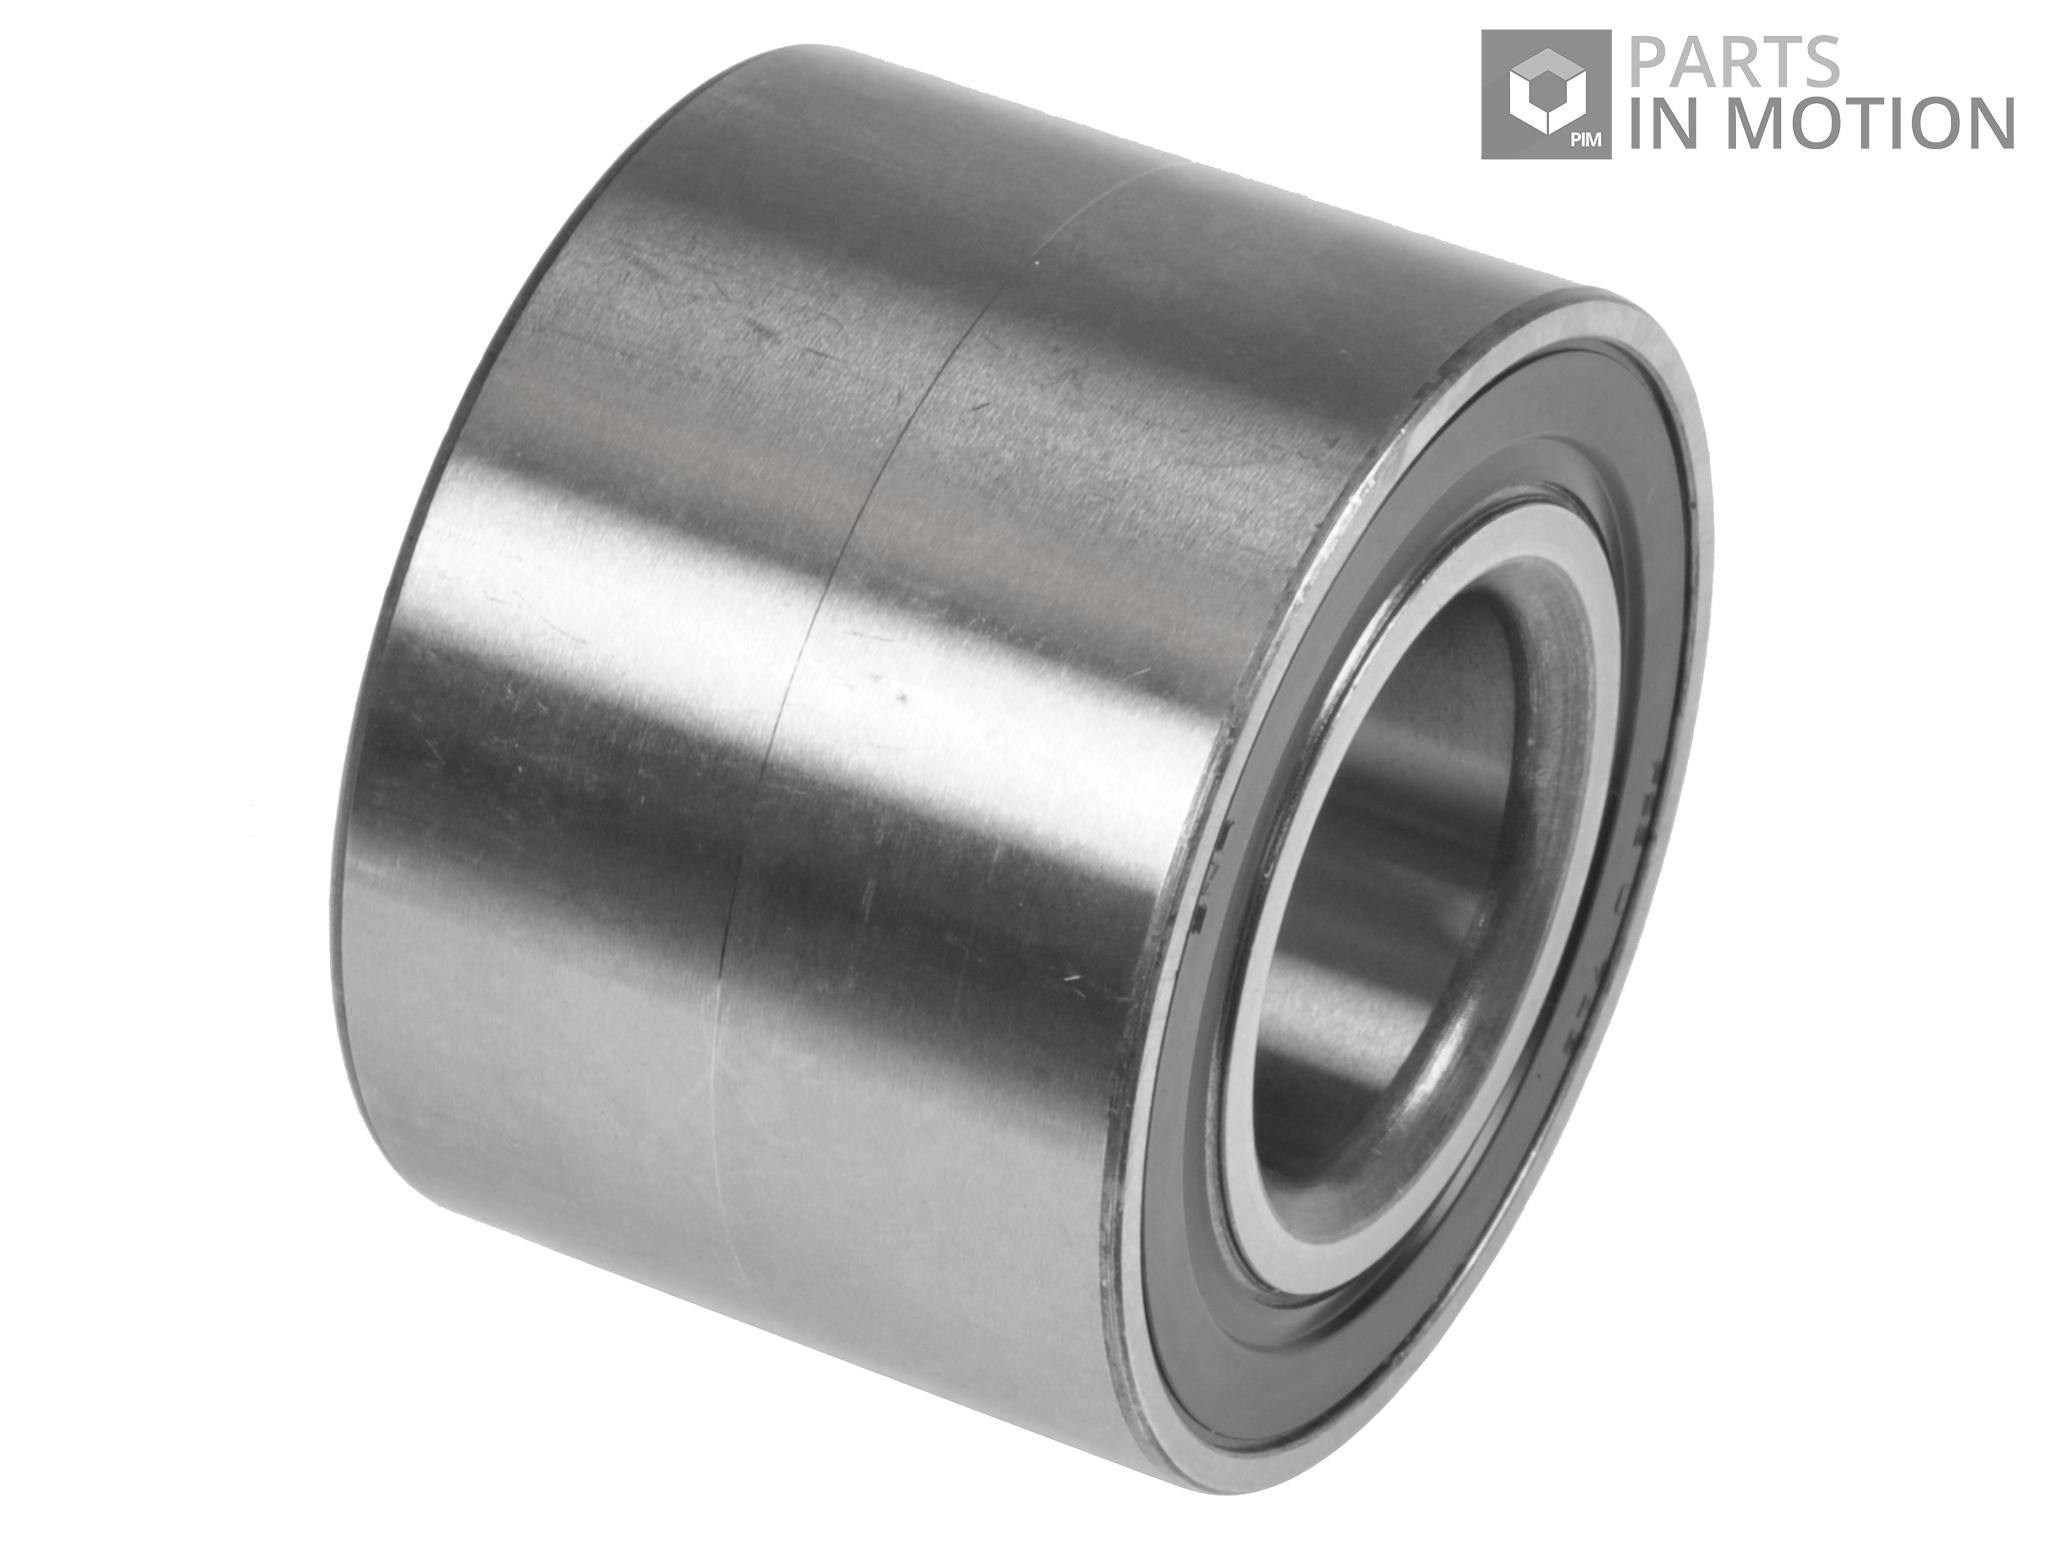 RENAULT-CLIO-Mk4-0-9-Wheel-Bearing-Kit-Rear-2012-on-ADL-6001550814-7701205812 thumbnail 3